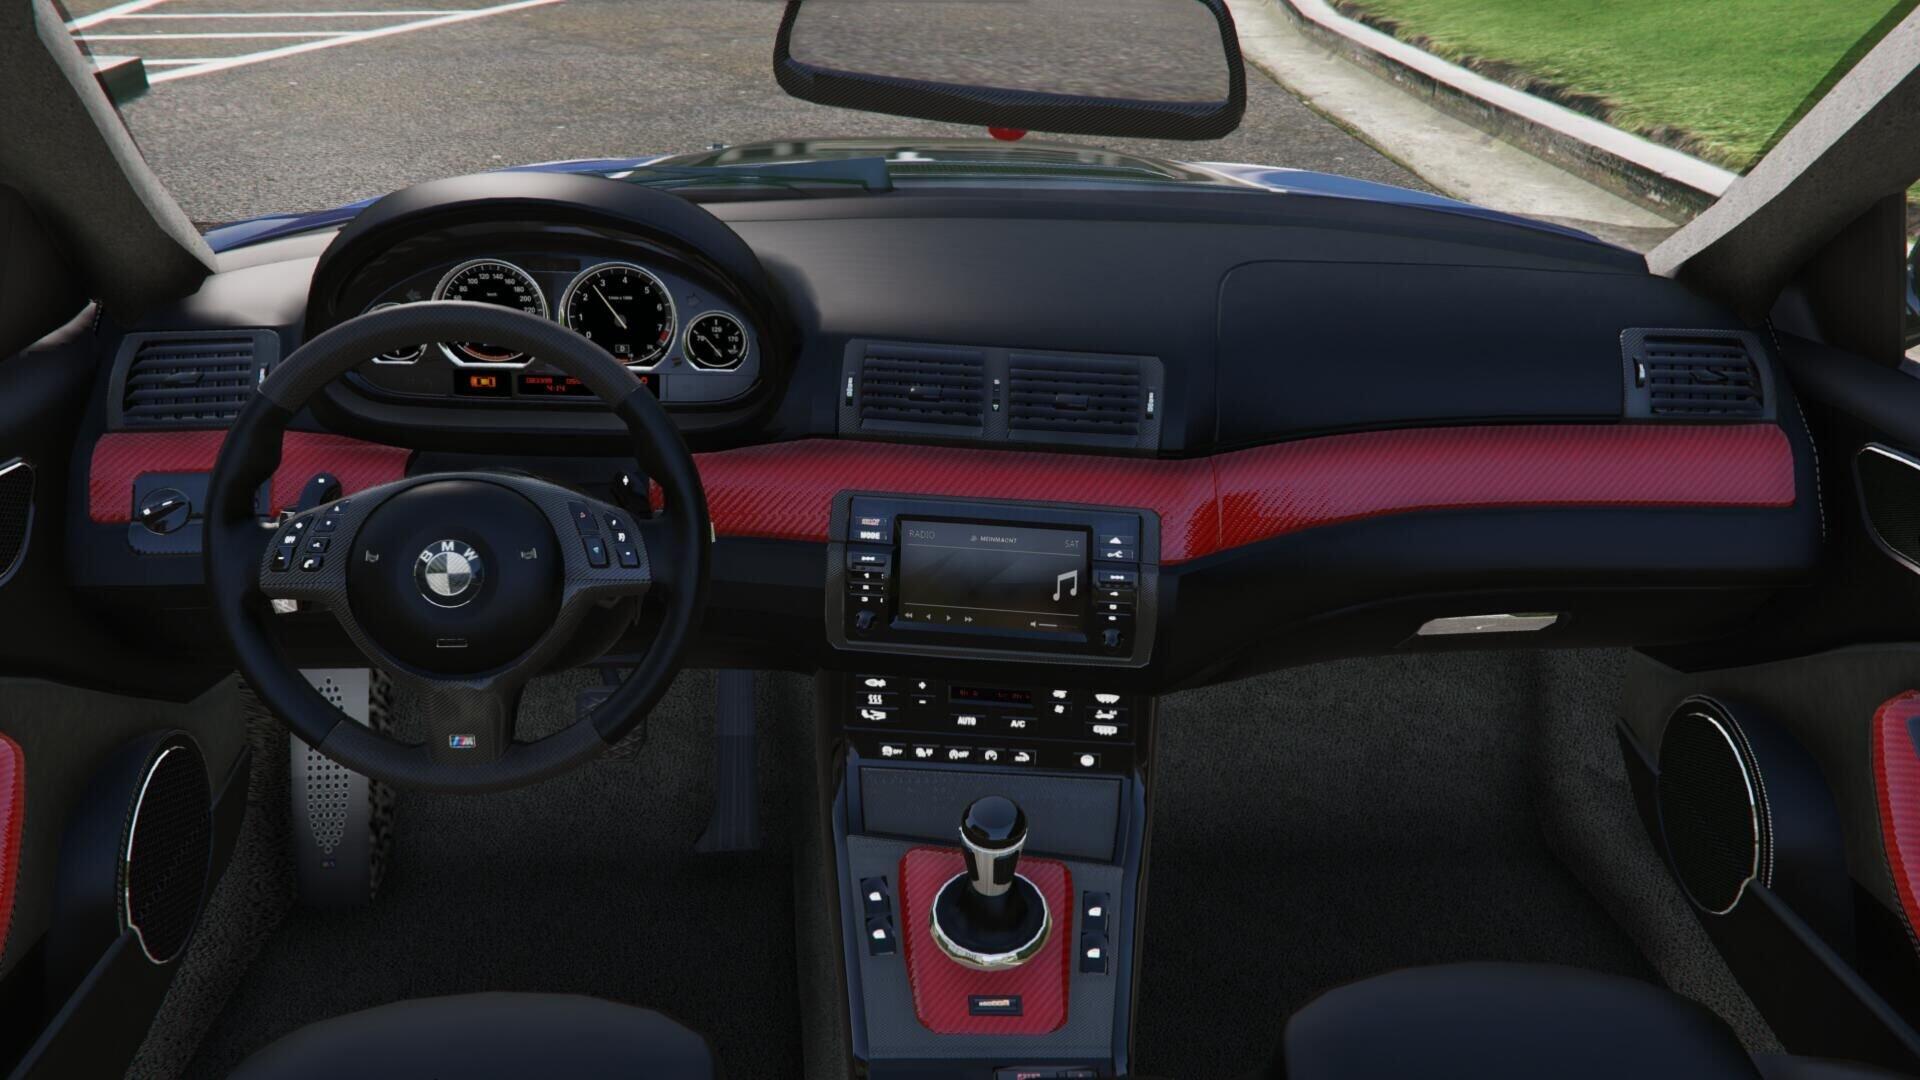 BMW M3 E46 GTR [Add-On] - GTA5-Mods.com